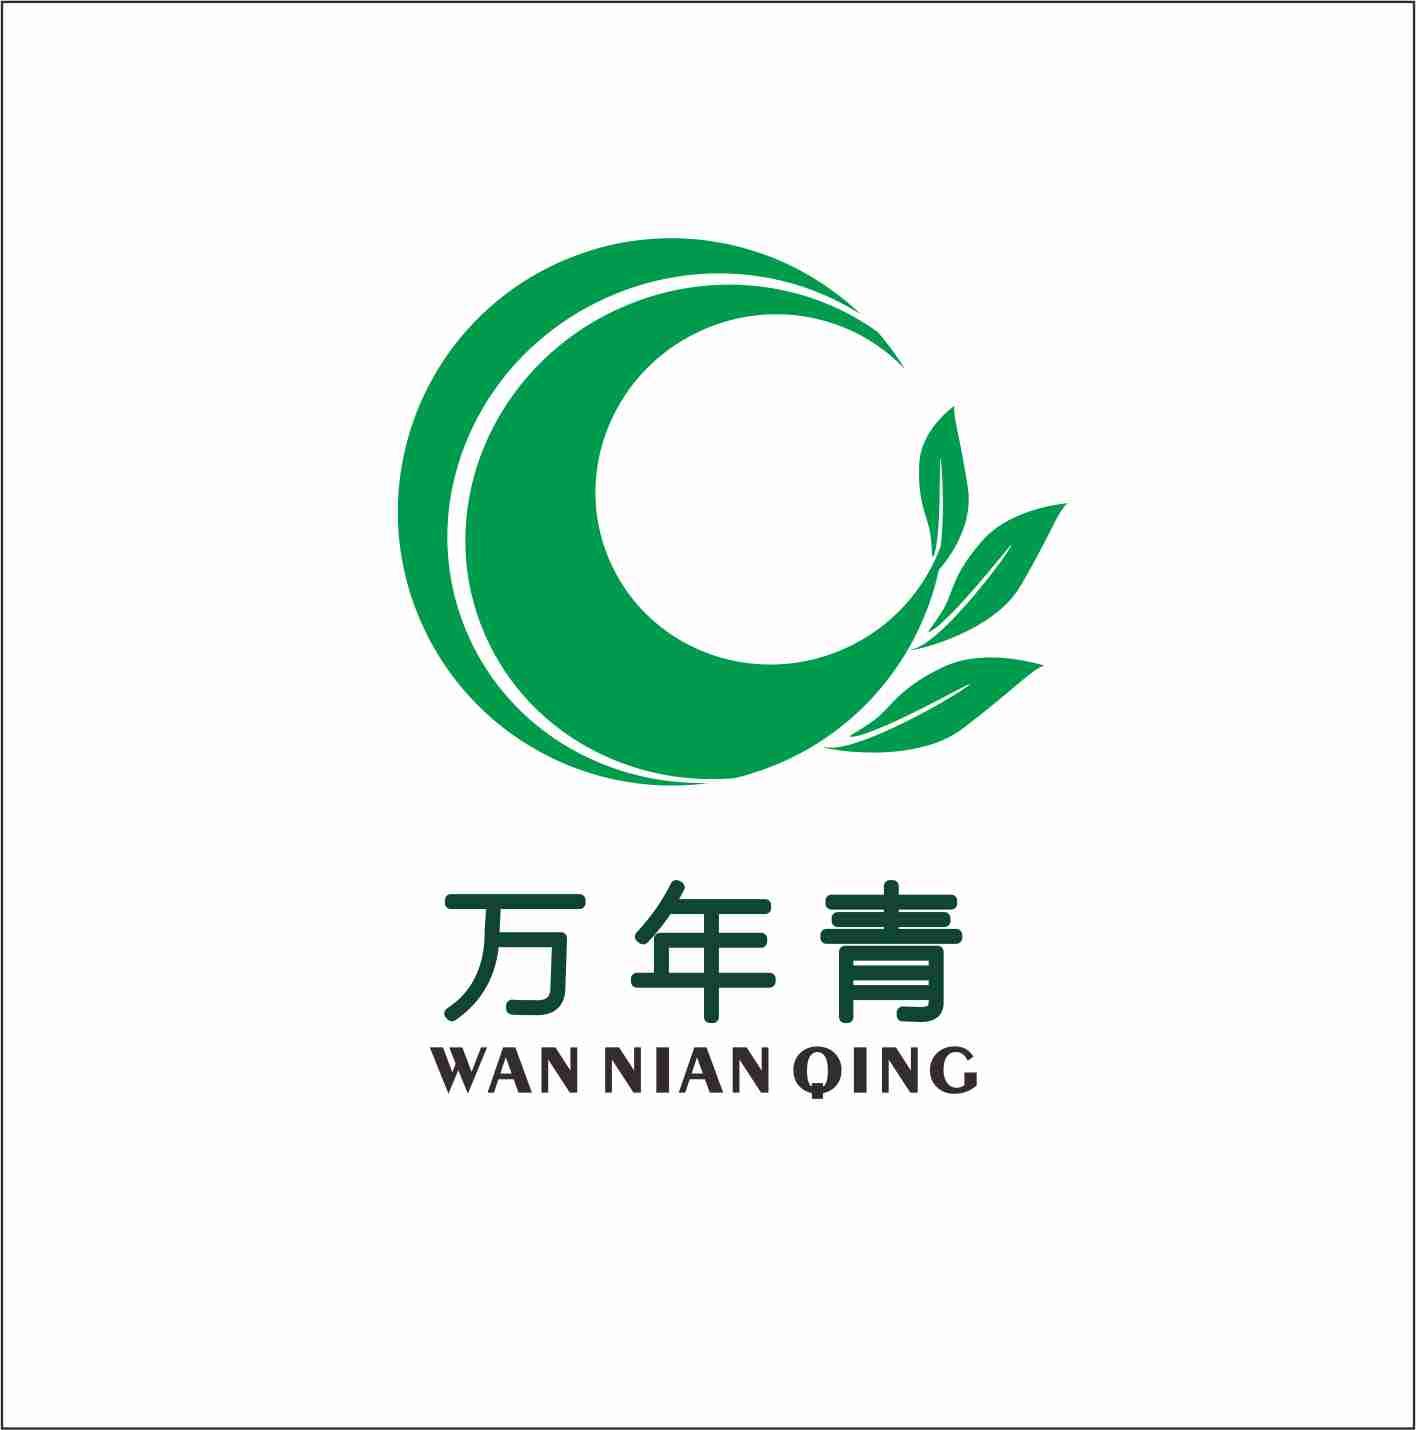 深圳市万年青园林绿化有限公司